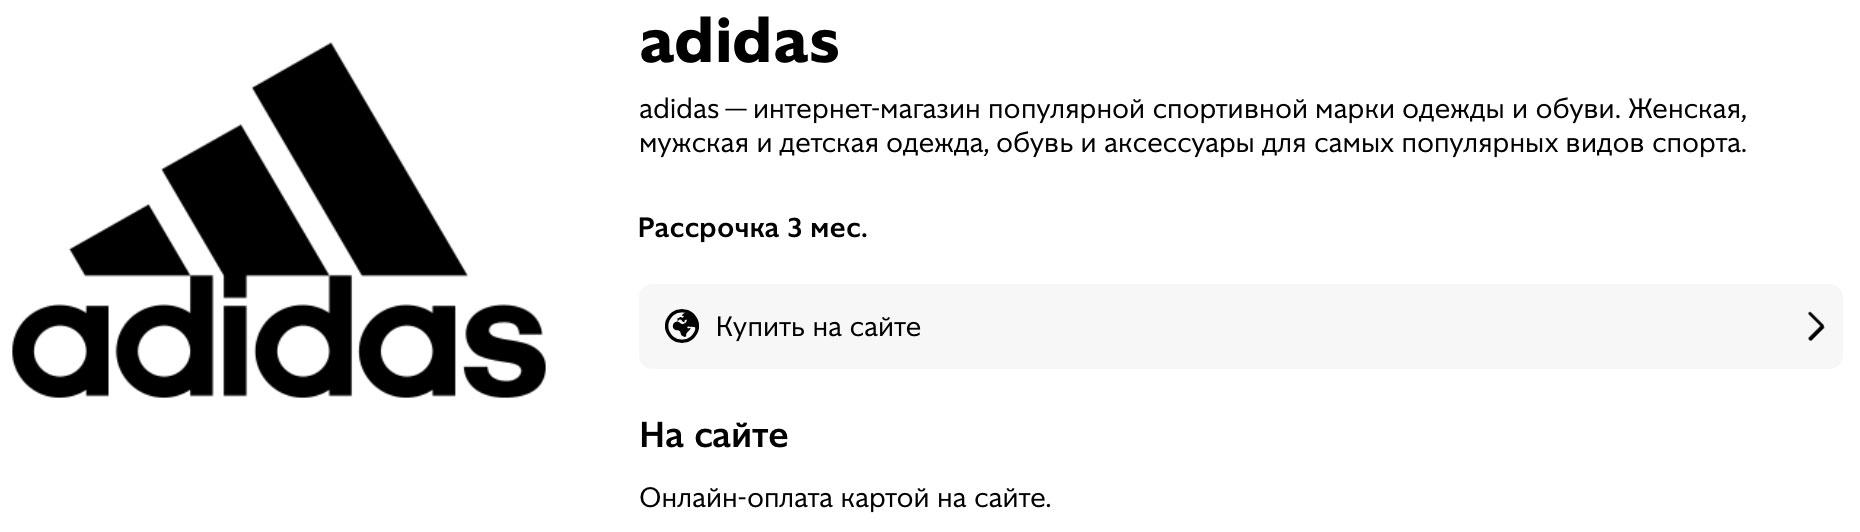 karta sovest adidas - Честный отзыв: карта рассрочки Совесть, в чем подвох?